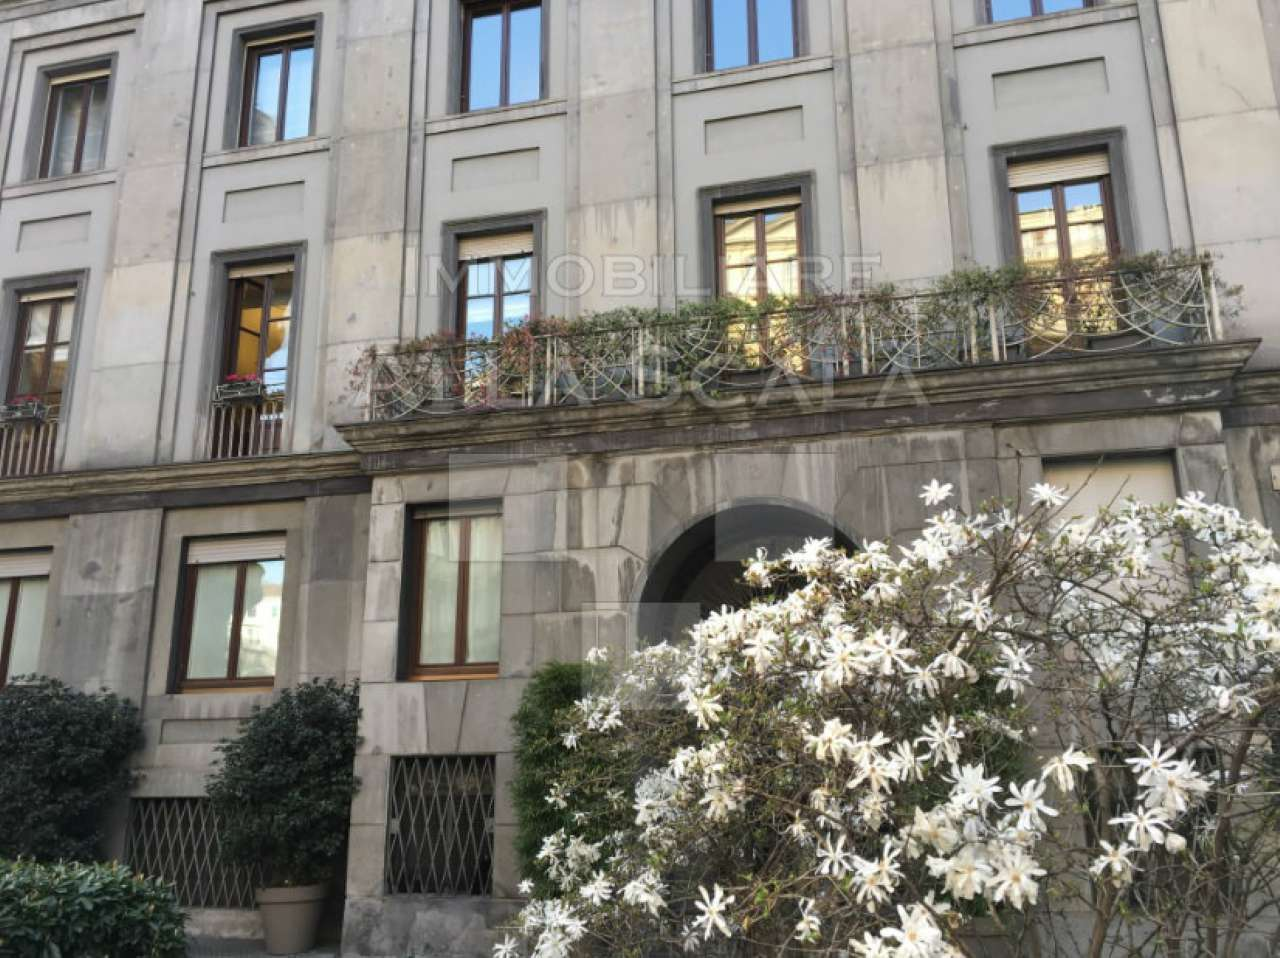 Appartamento in affitto a Milano, 5 locali, zona Zona: 1 . Centro Storico, Duomo, Brera, Cadorna, Cattolica, prezzo € 3.330 | Cambio Casa.it